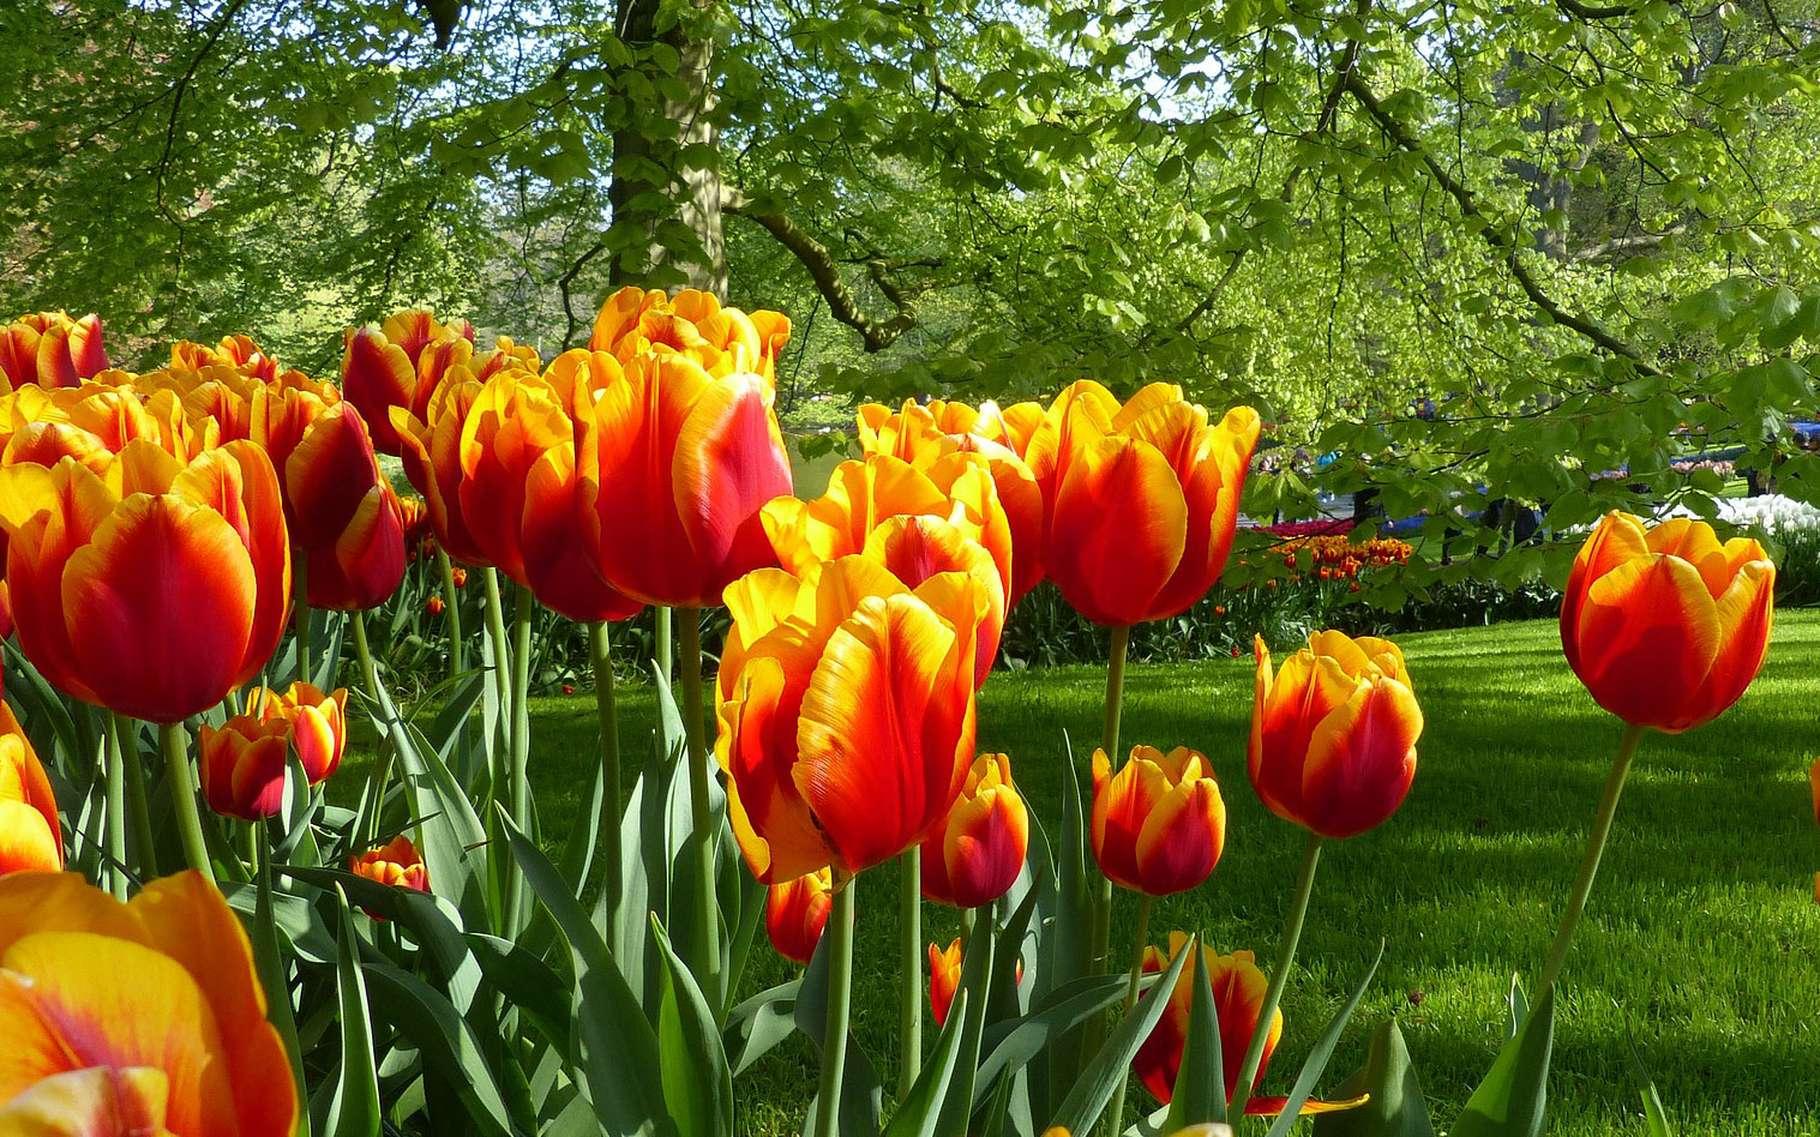 Champ de tulipes au Jardin de Keukenhof, Hollande. © Jovanel, Pixabay, Domaine Public